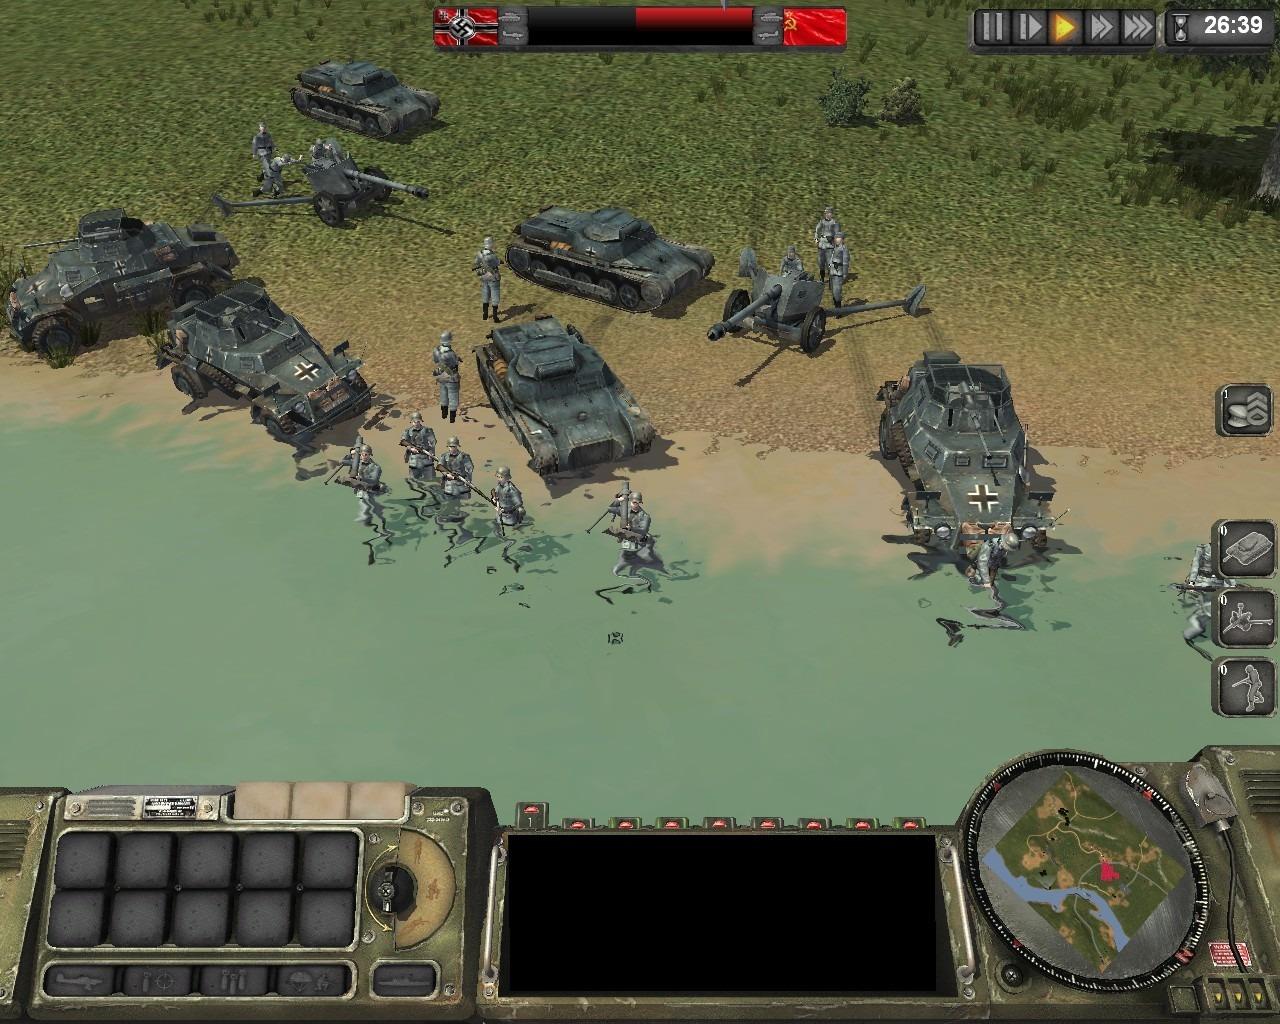 jeuxvideo.com War Leaders : Clash of Nations - PC Image 139 sur 201